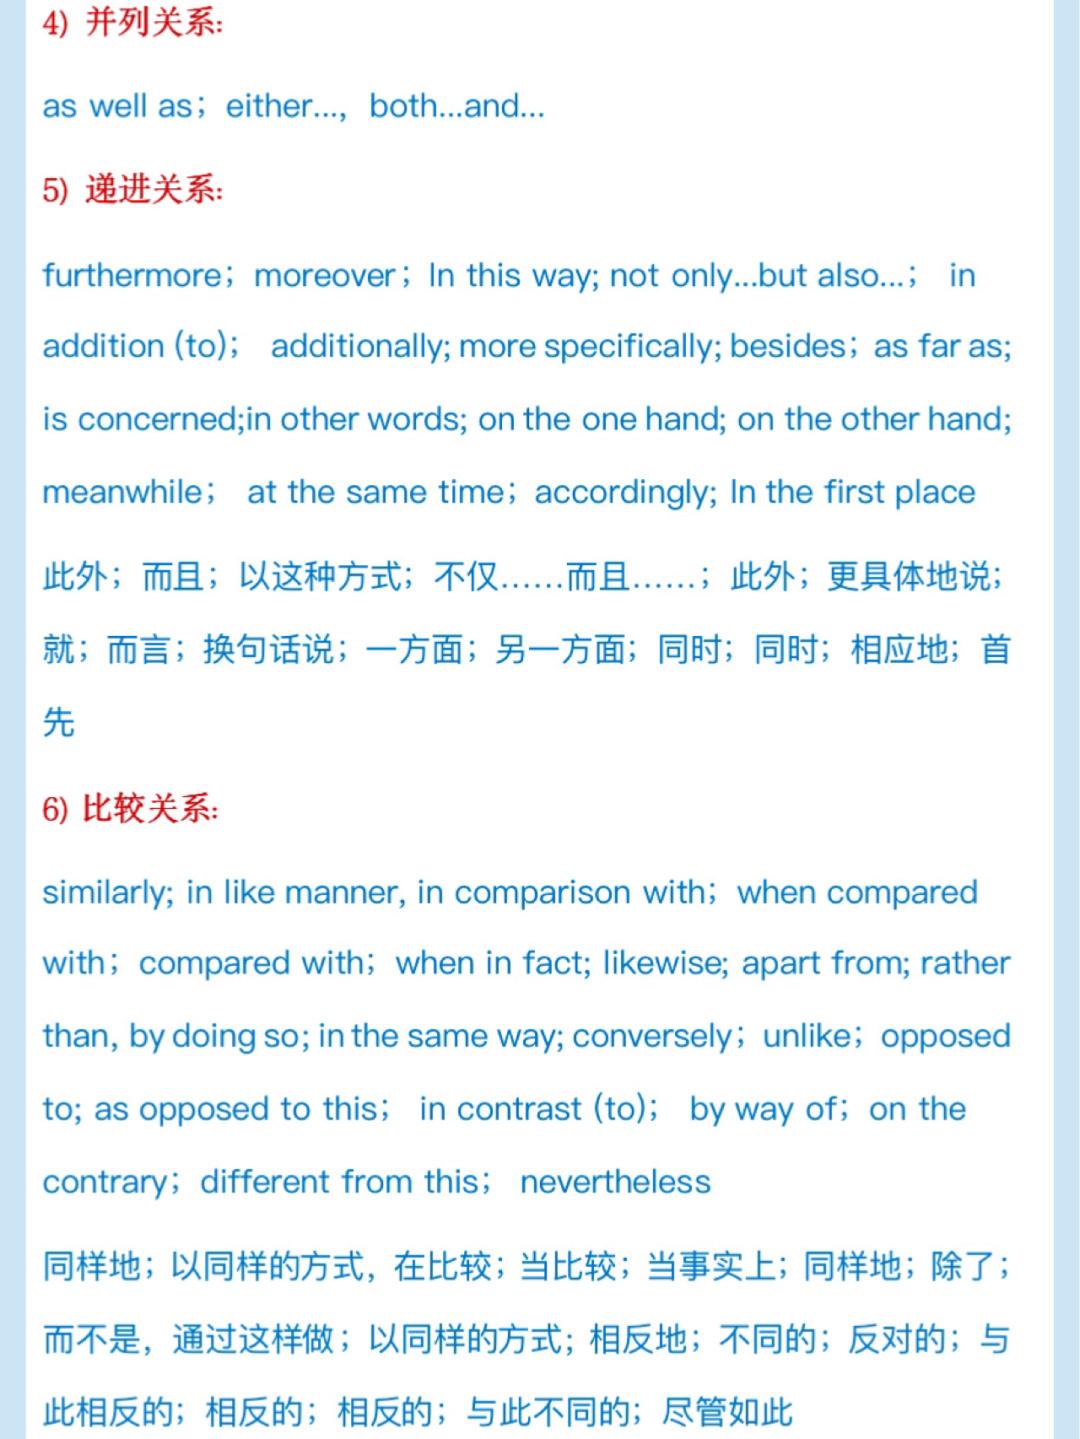 英文写作高分秘诀